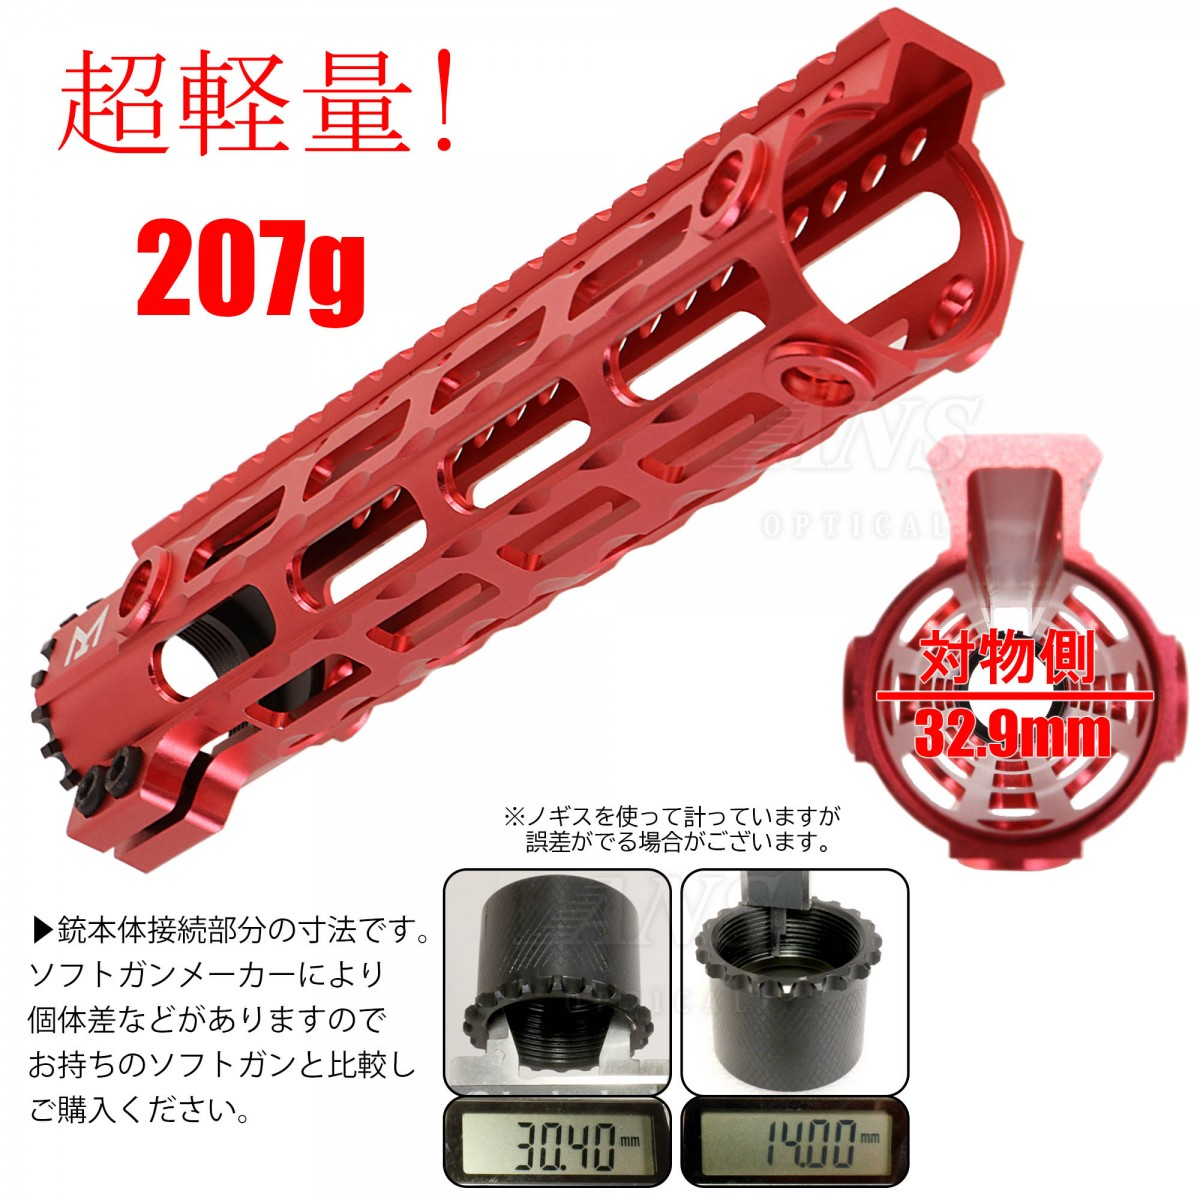 MIDWEST タイプ 超軽量 アルミ製 M-LOK ハンドガード 9inch ブラック/レッド RAS